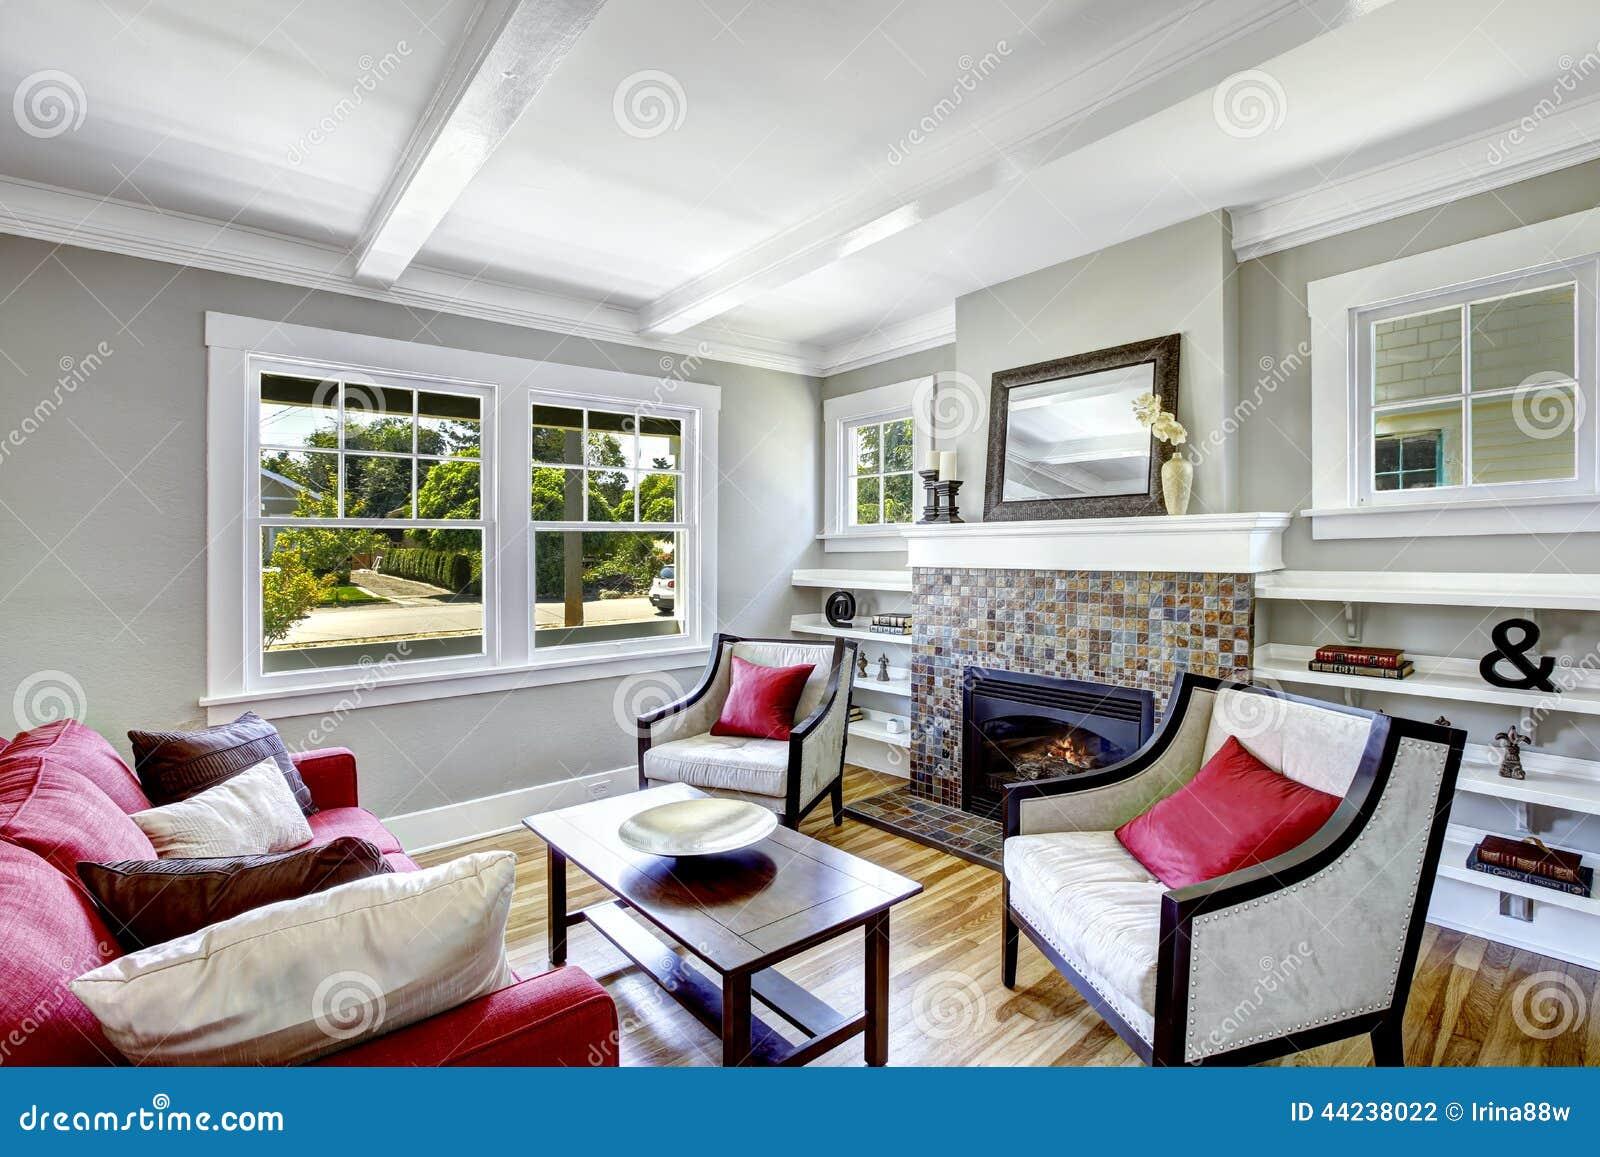 Gemutliches Kleines Wohnzimmer Mit Kamin Stockfoto Bild Von